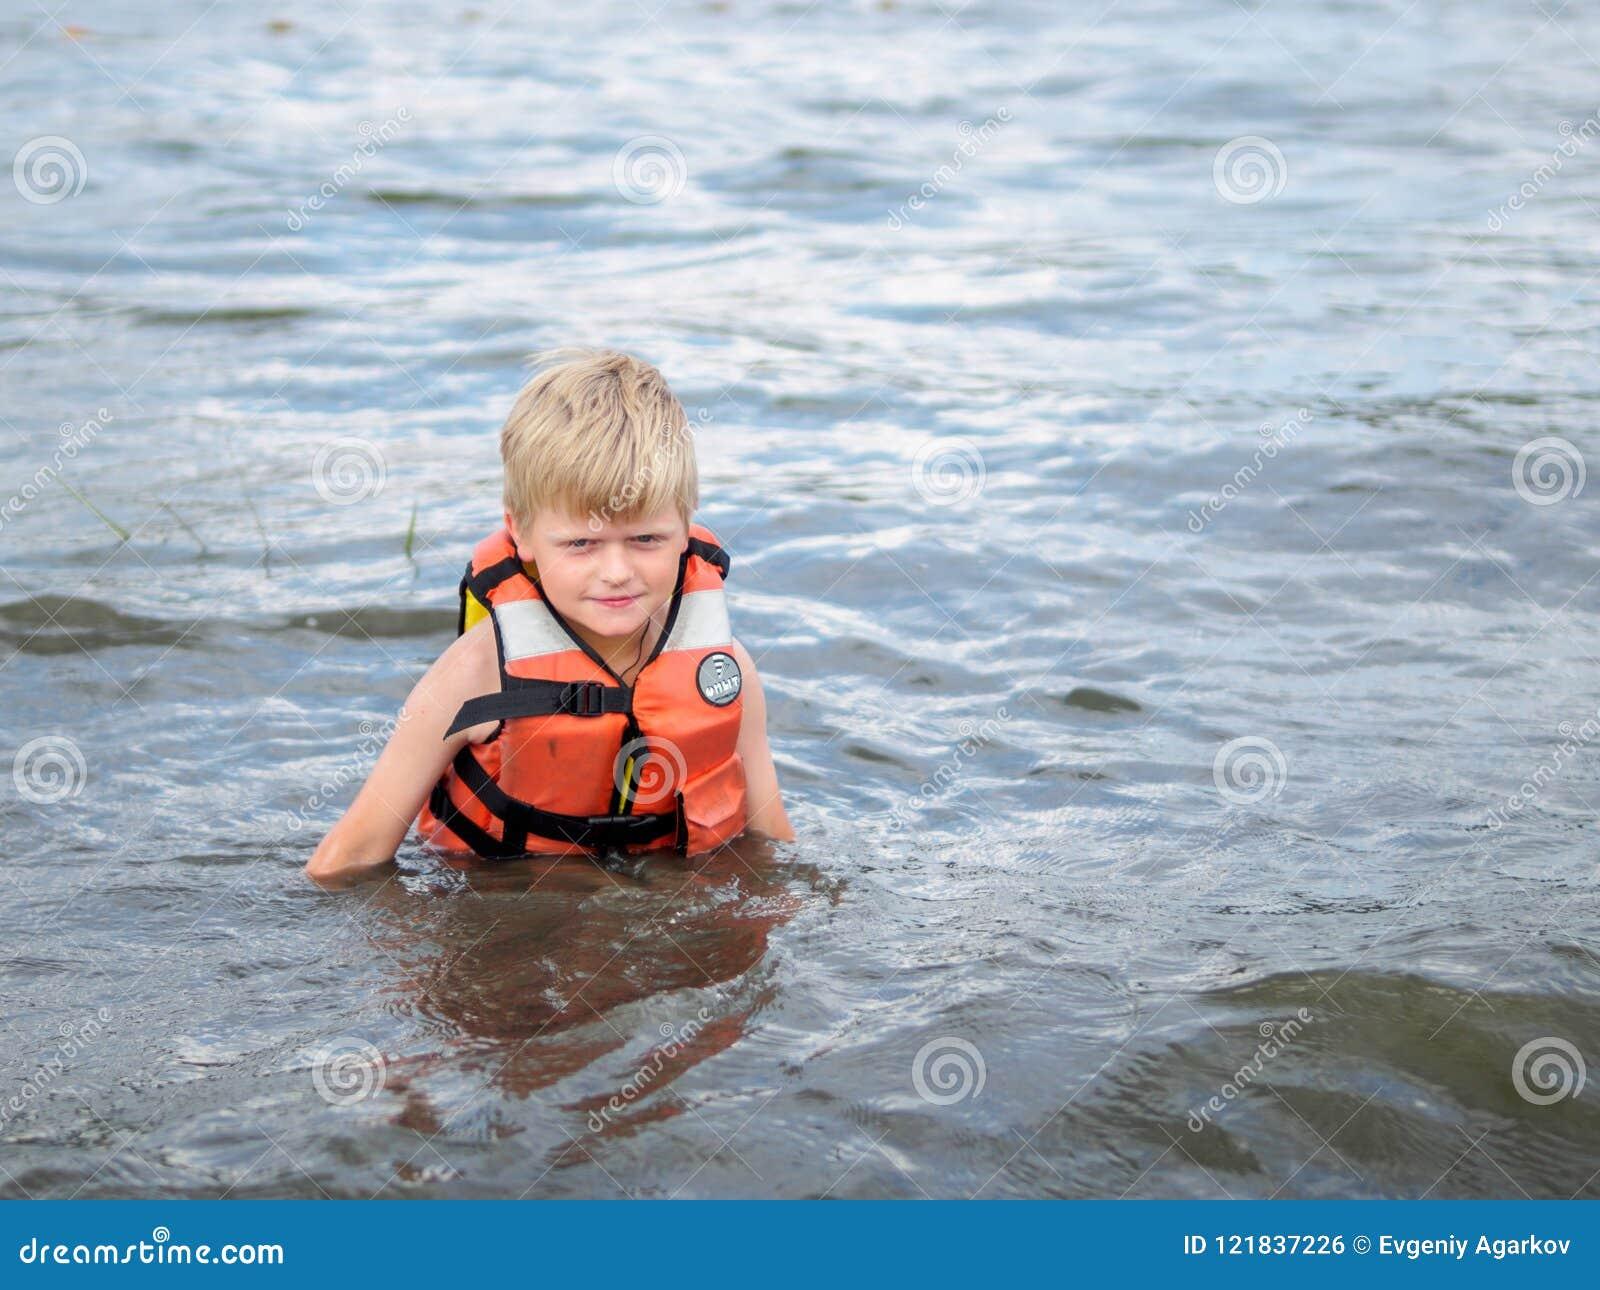 Милый мальчик в оранжевом заплывании спасательного жилета в реке